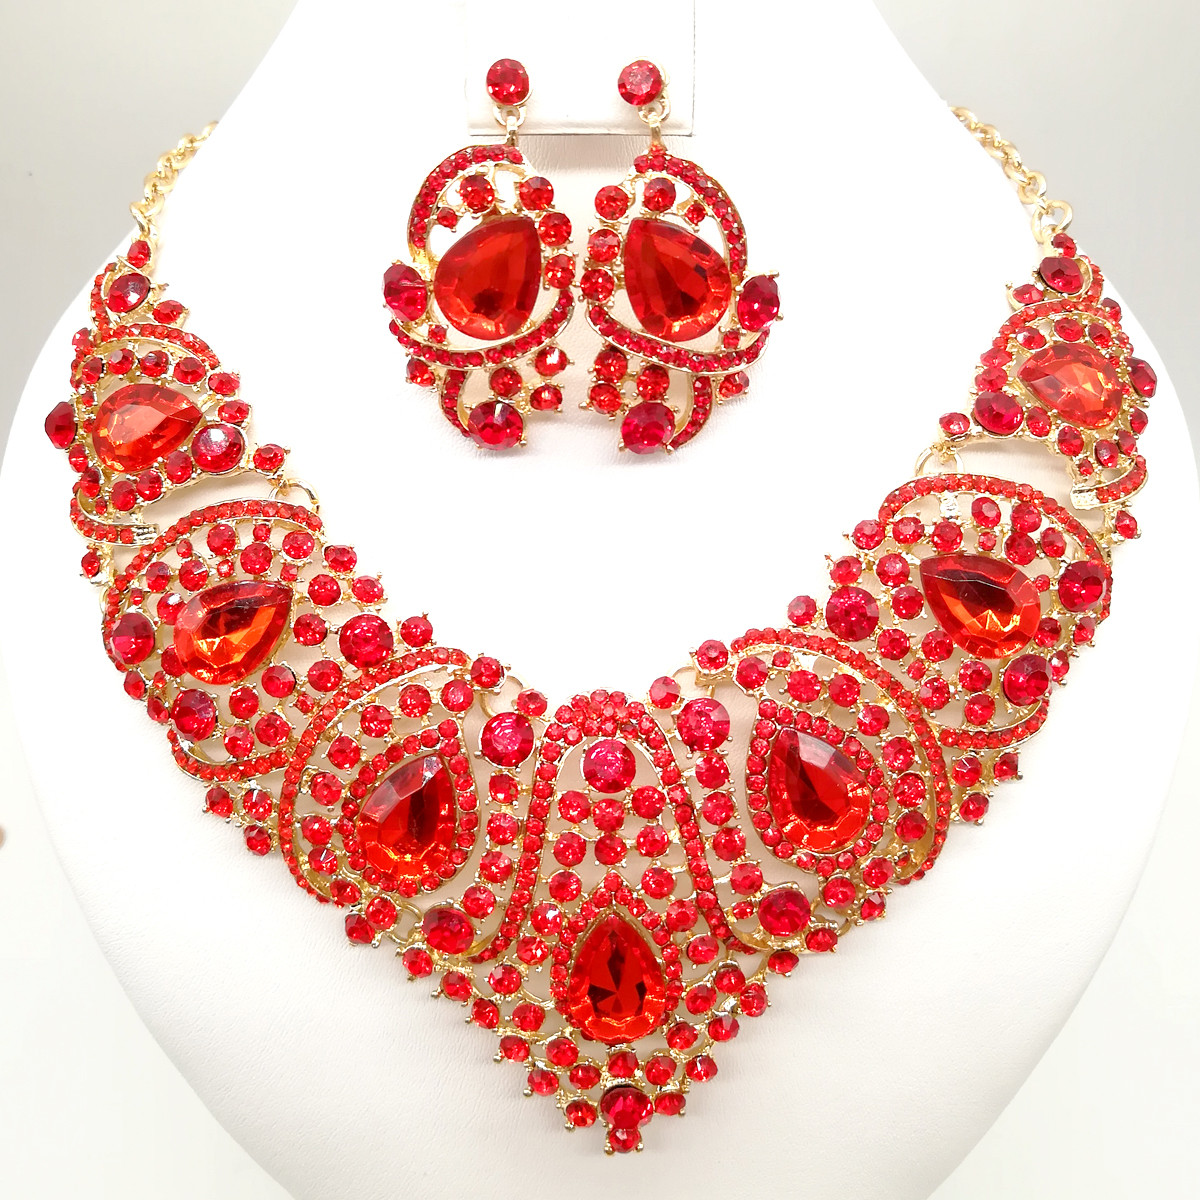 Комплект SONATA (Колье + серьги), красные камни, 63336       (1)